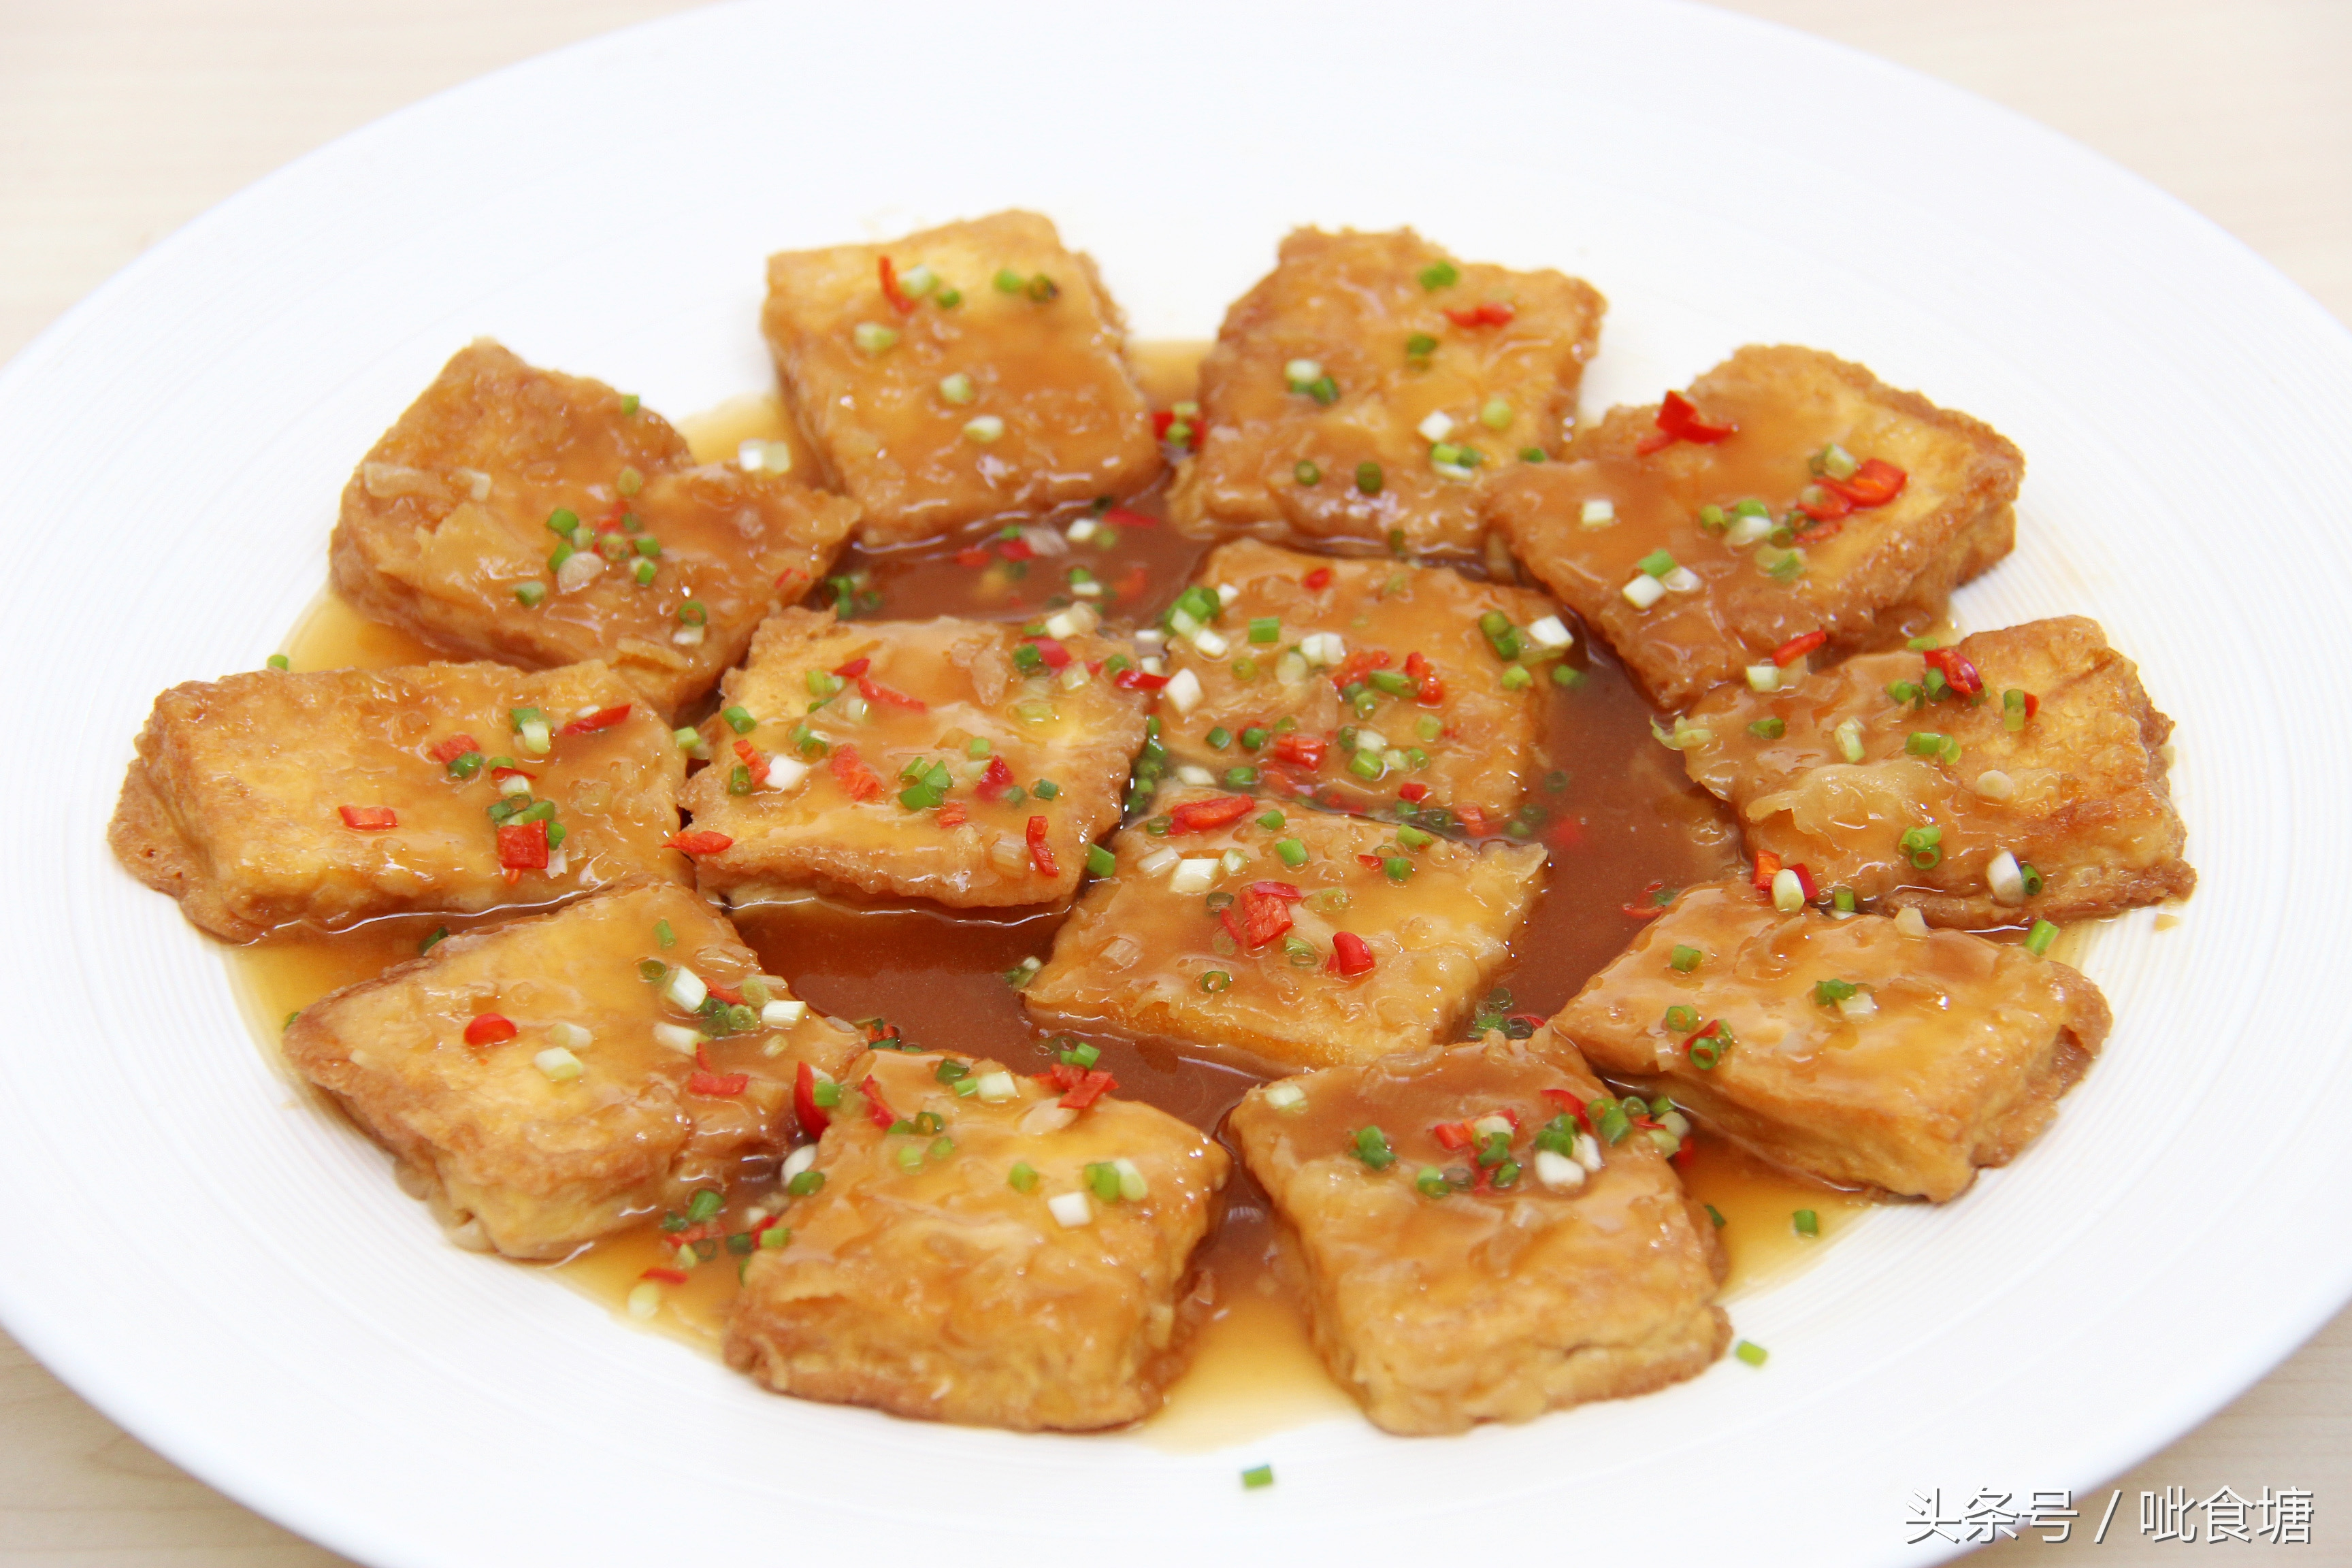 经典鲁菜锅塌豆腐 做法其实很简单 锅塌豆腐 第13张